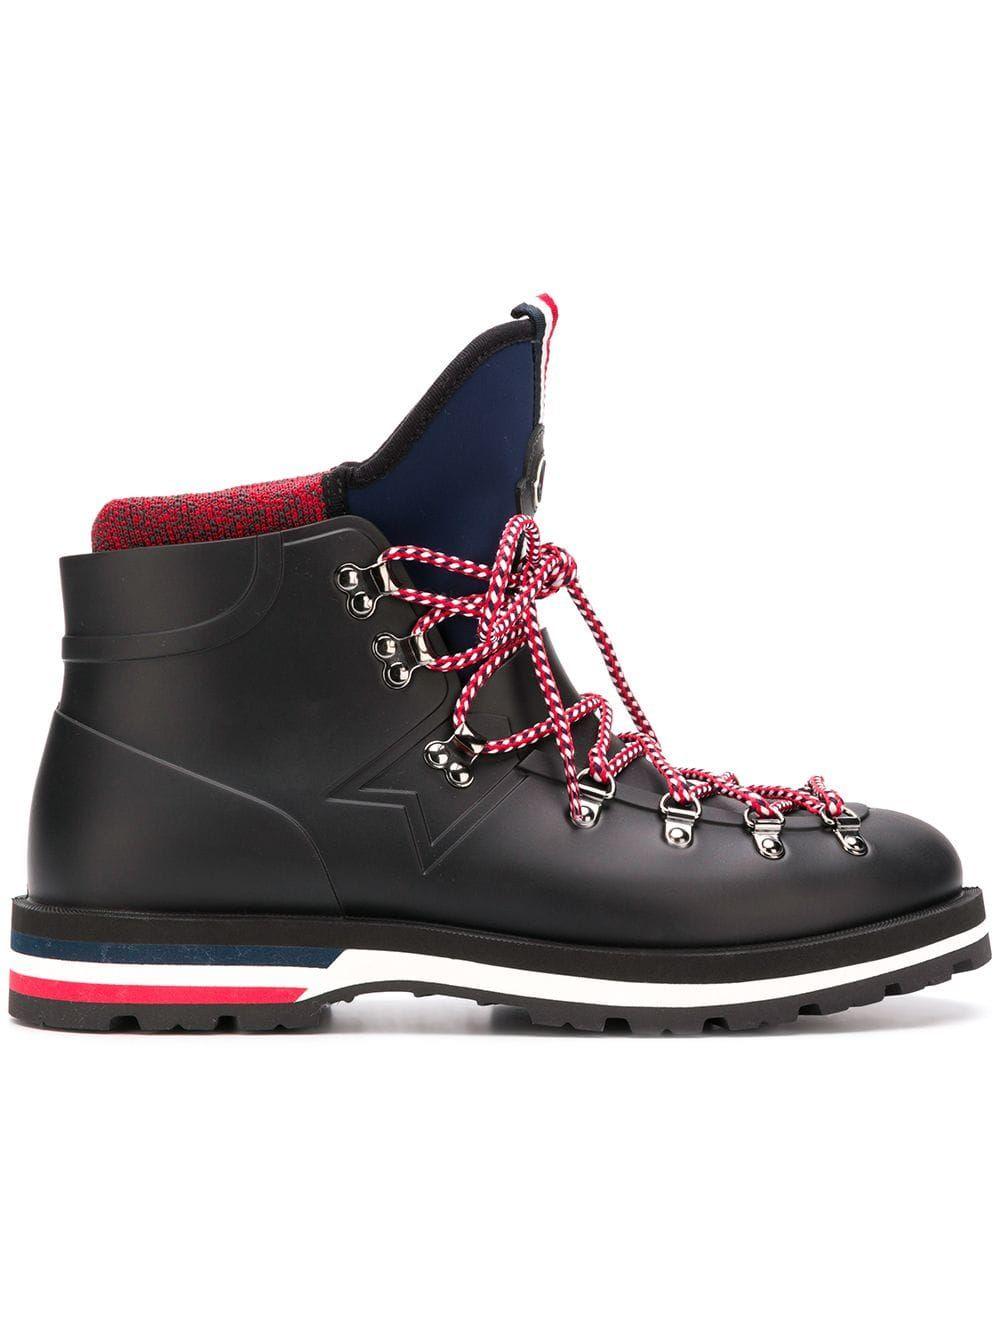 MONCLER MONCLER HENOC BOOTS - BLACK.  moncler  shoes   Boot ... 50a7b762ffe